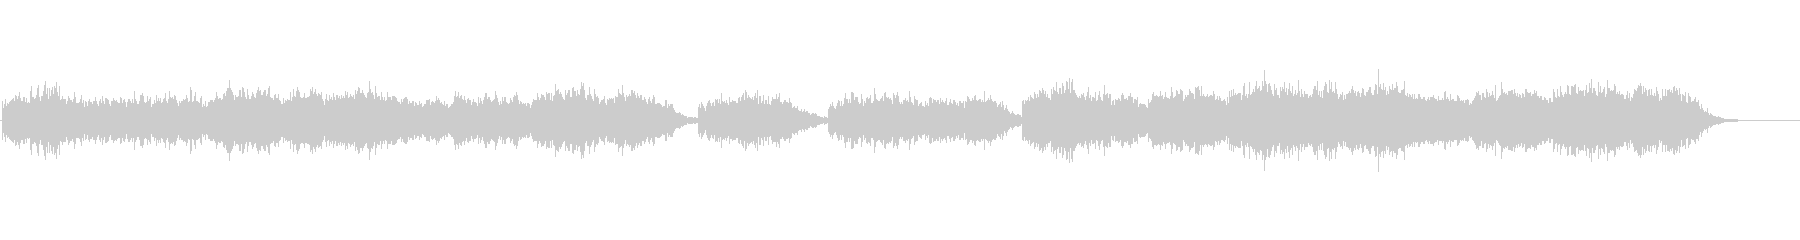 伝統的なクリスマス曲の未再生の波形